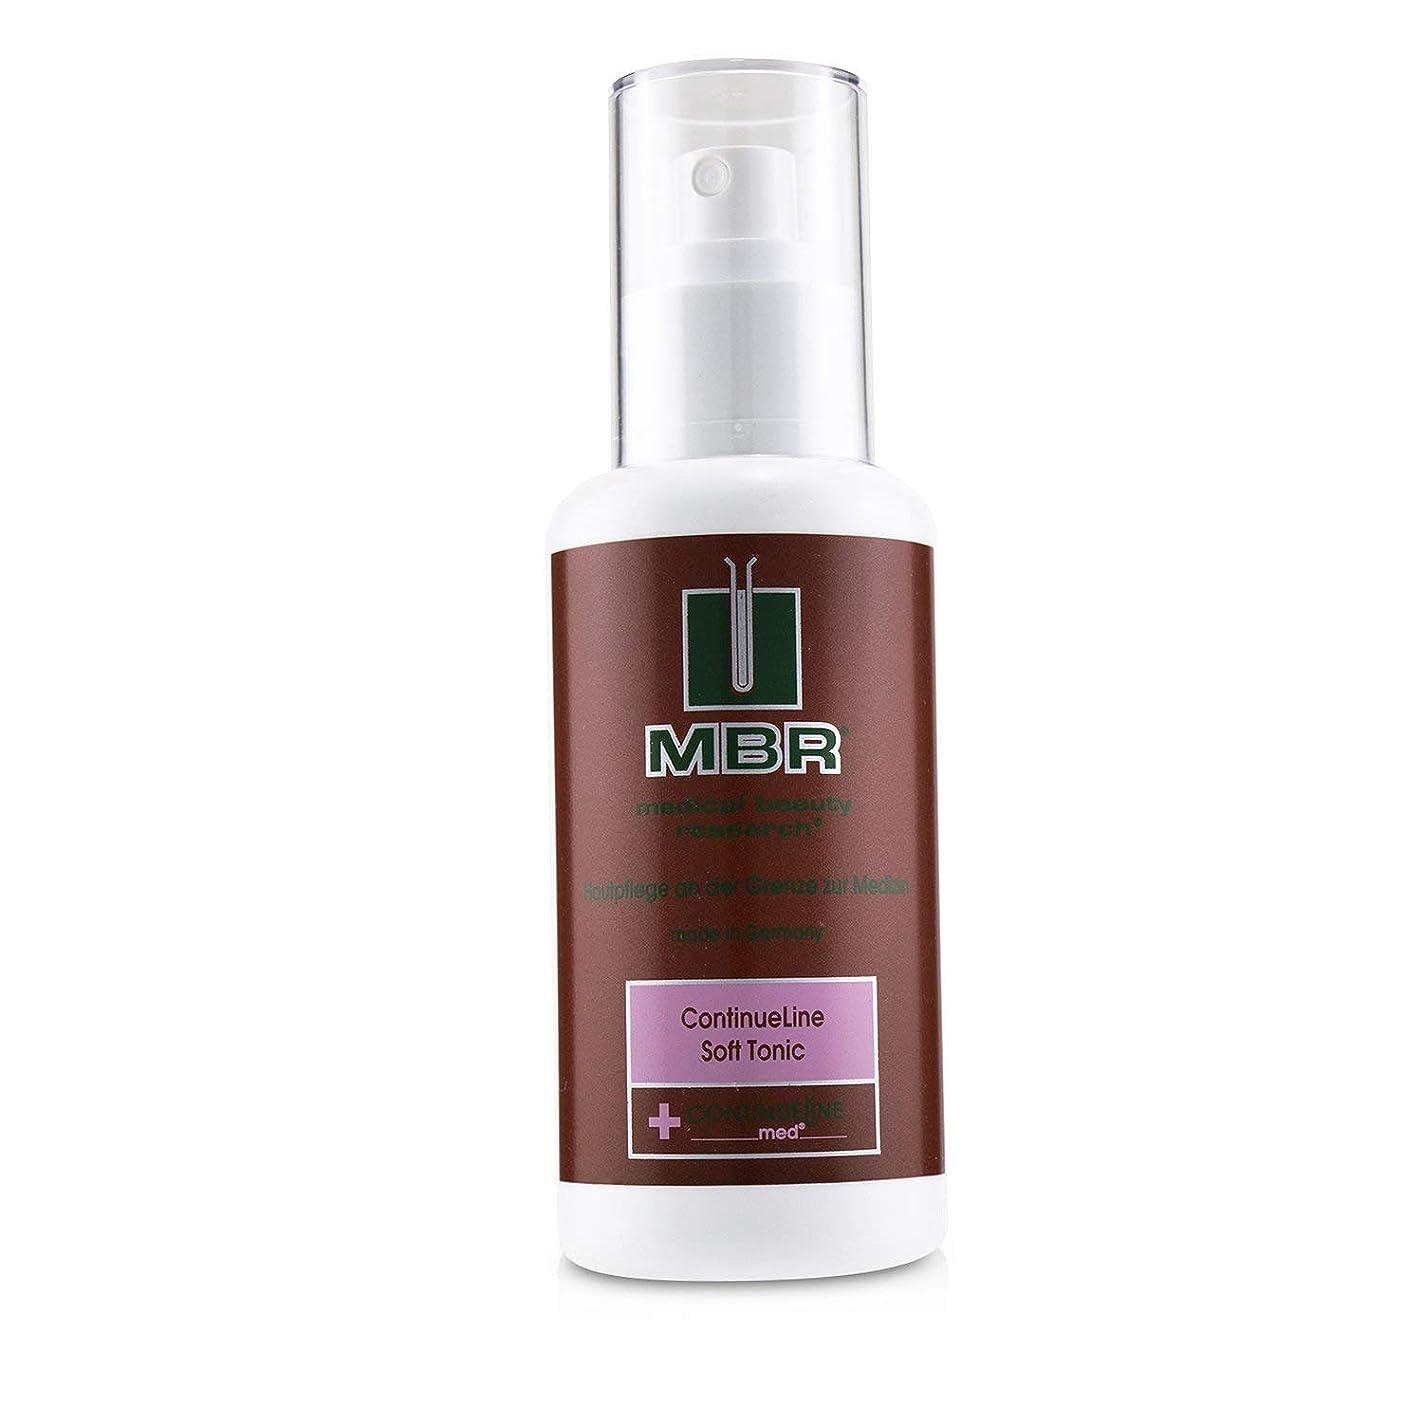 破産息切れ口述MBR Medical Beauty Research ContinueLine Med ContinueLine Soft Tonic 150ml/5.1oz並行輸入品